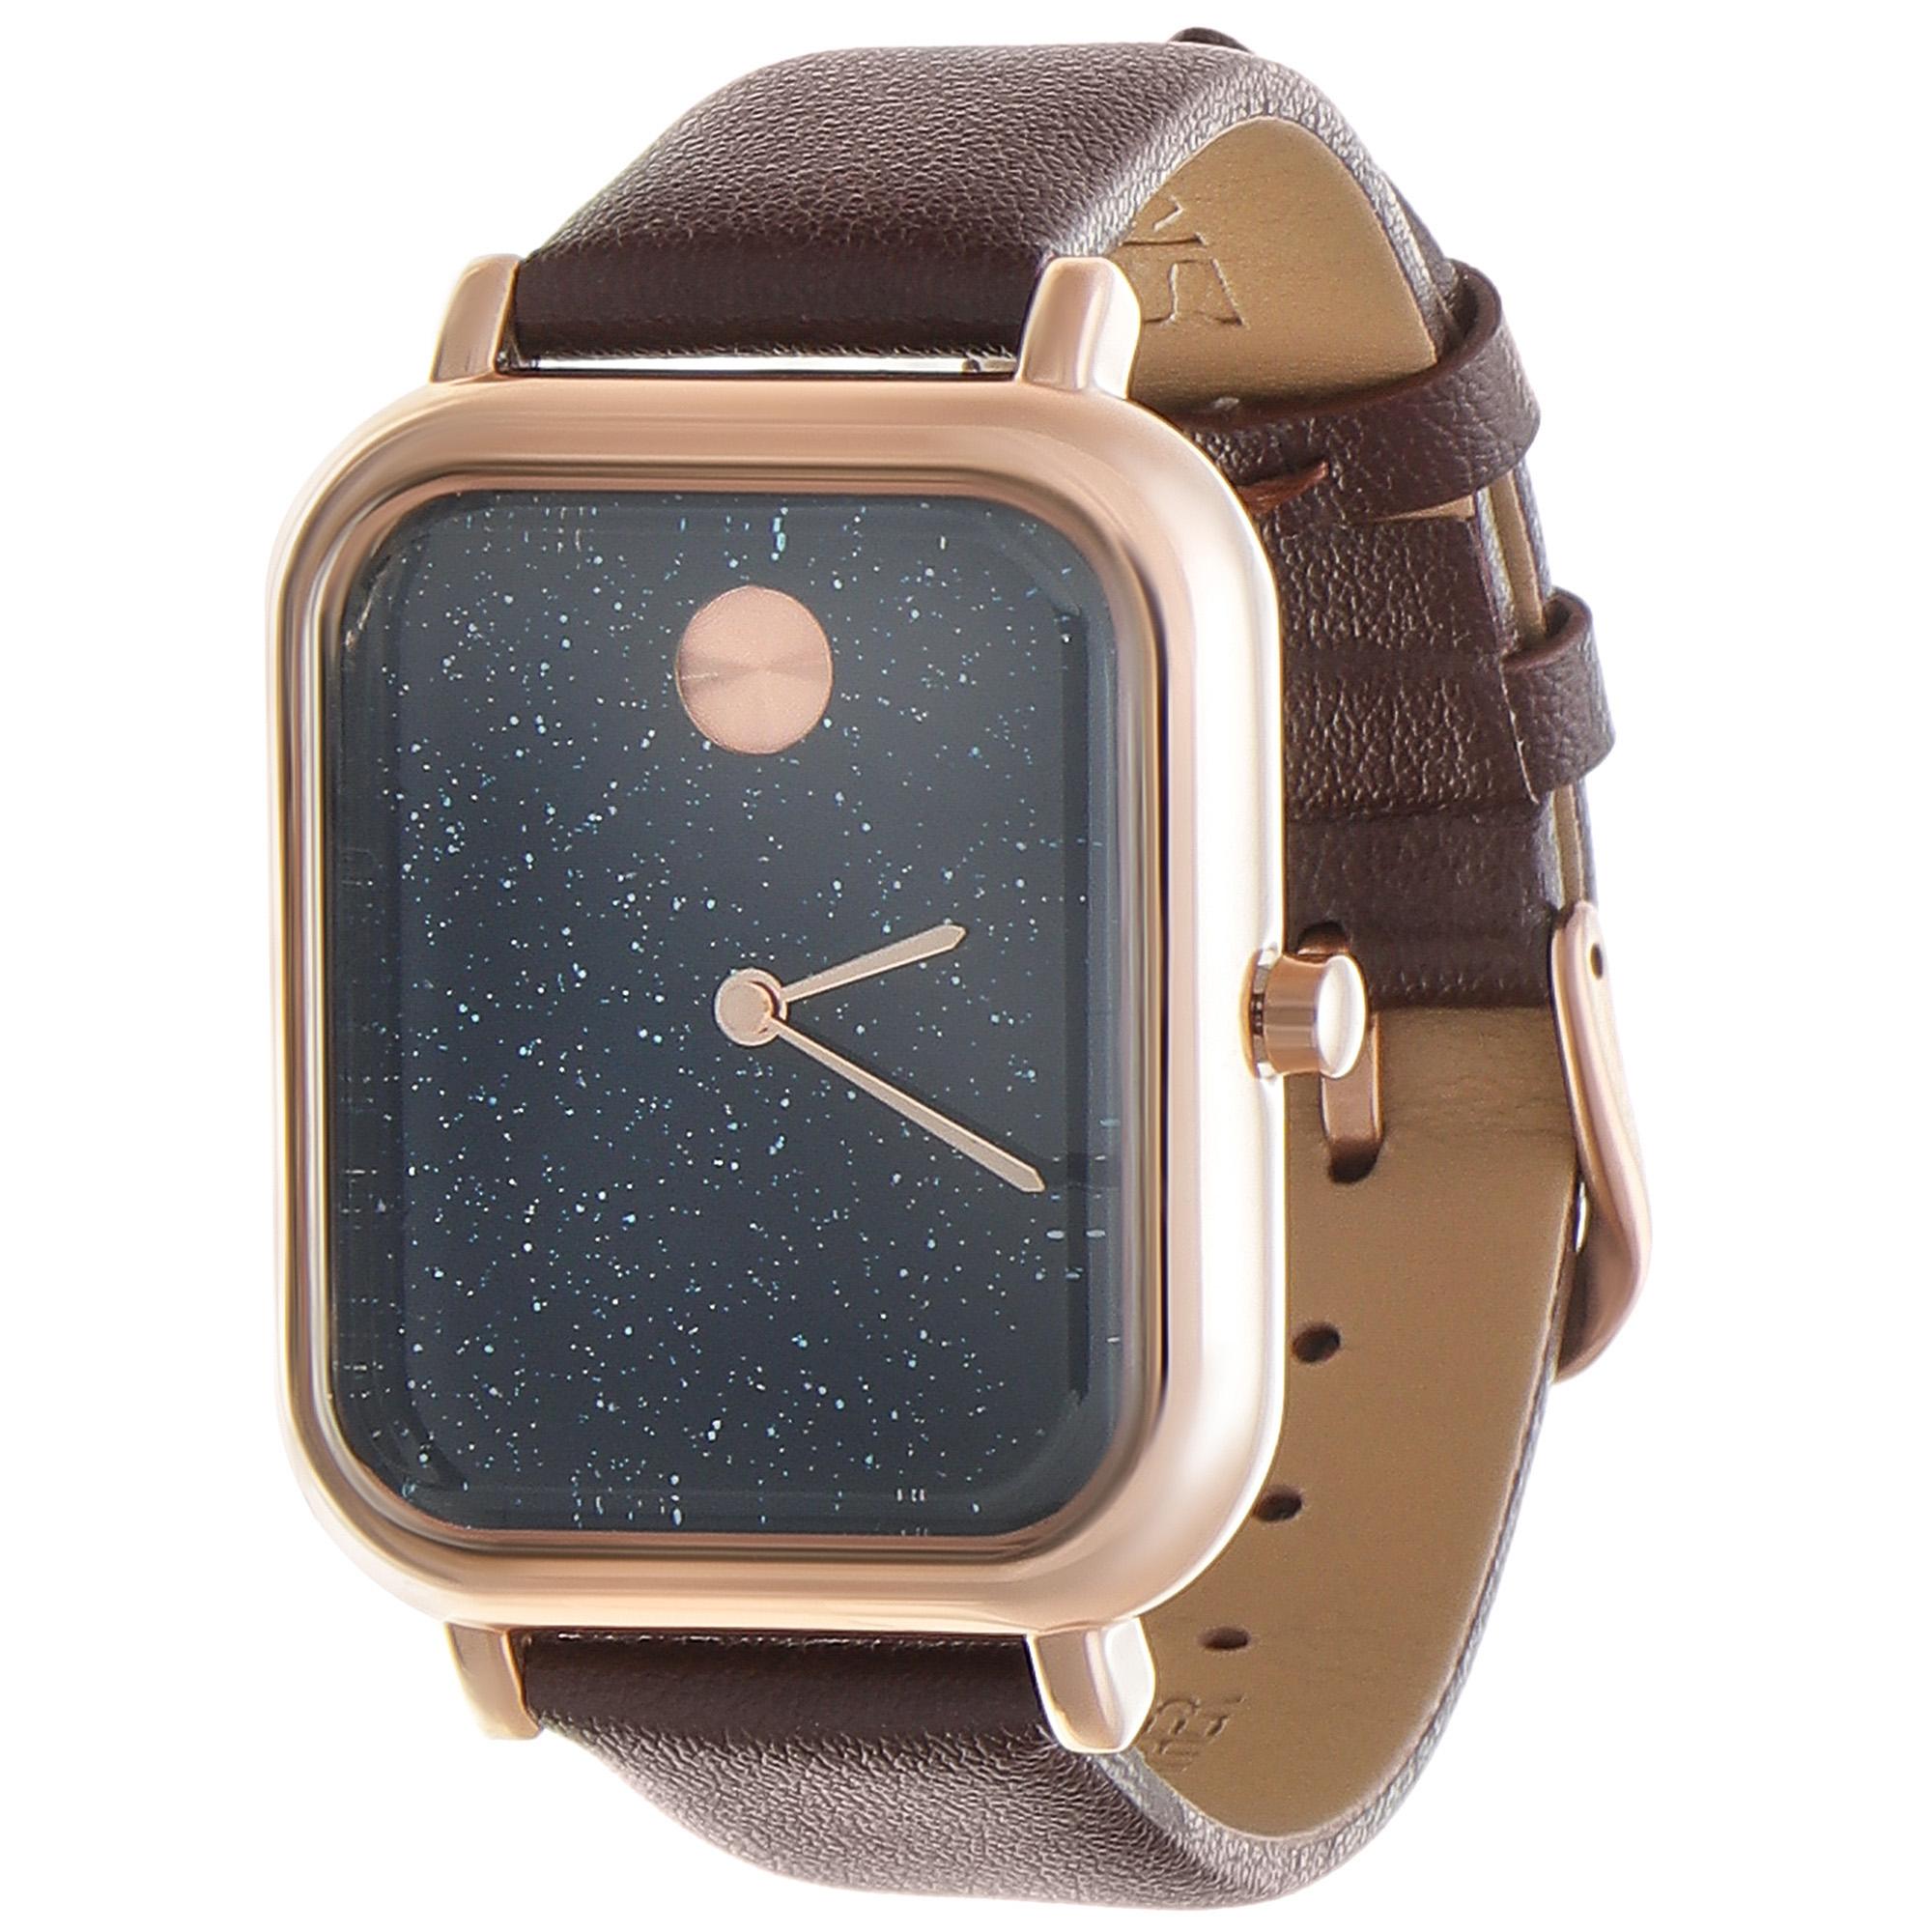 Часы наручные SKMEI SKME4211PU часы наручные shiyi watch skmei skmb041902g